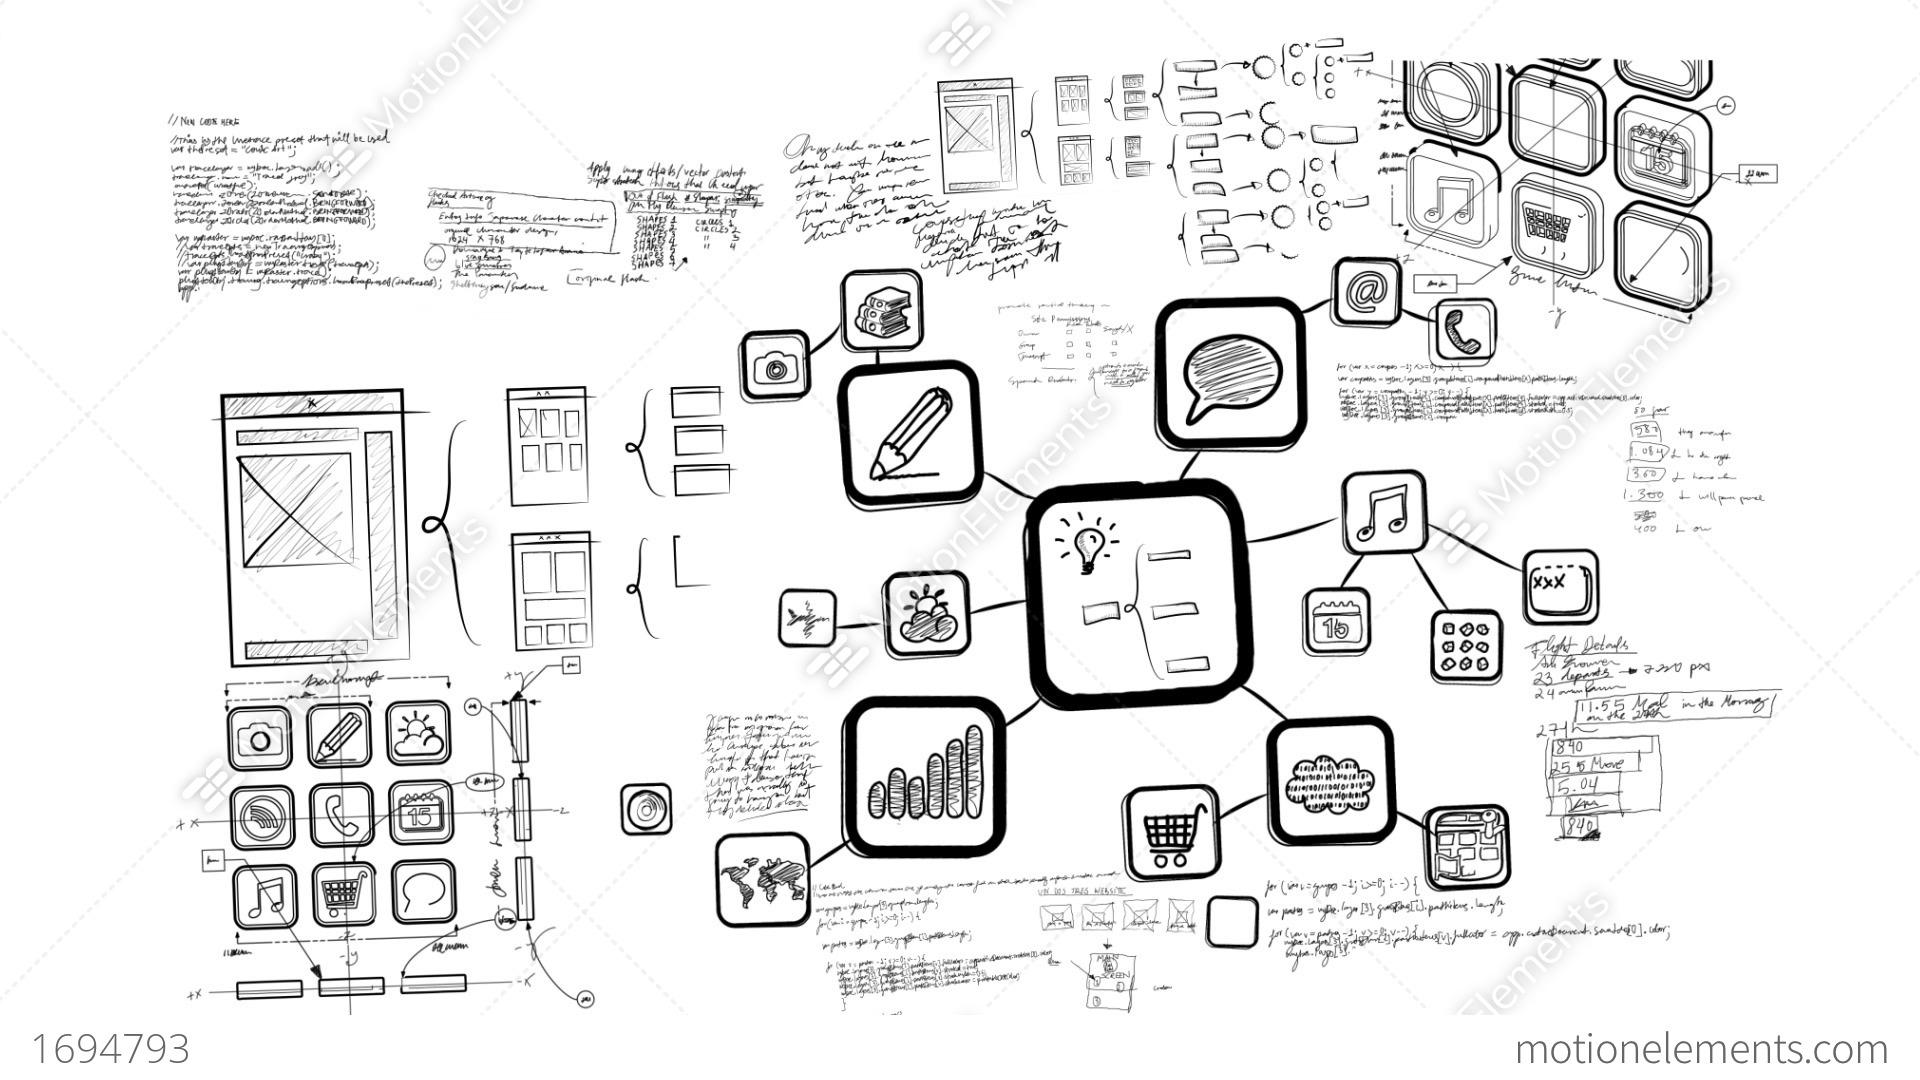 Mobile App Development Whiteboard Scribblings Stock